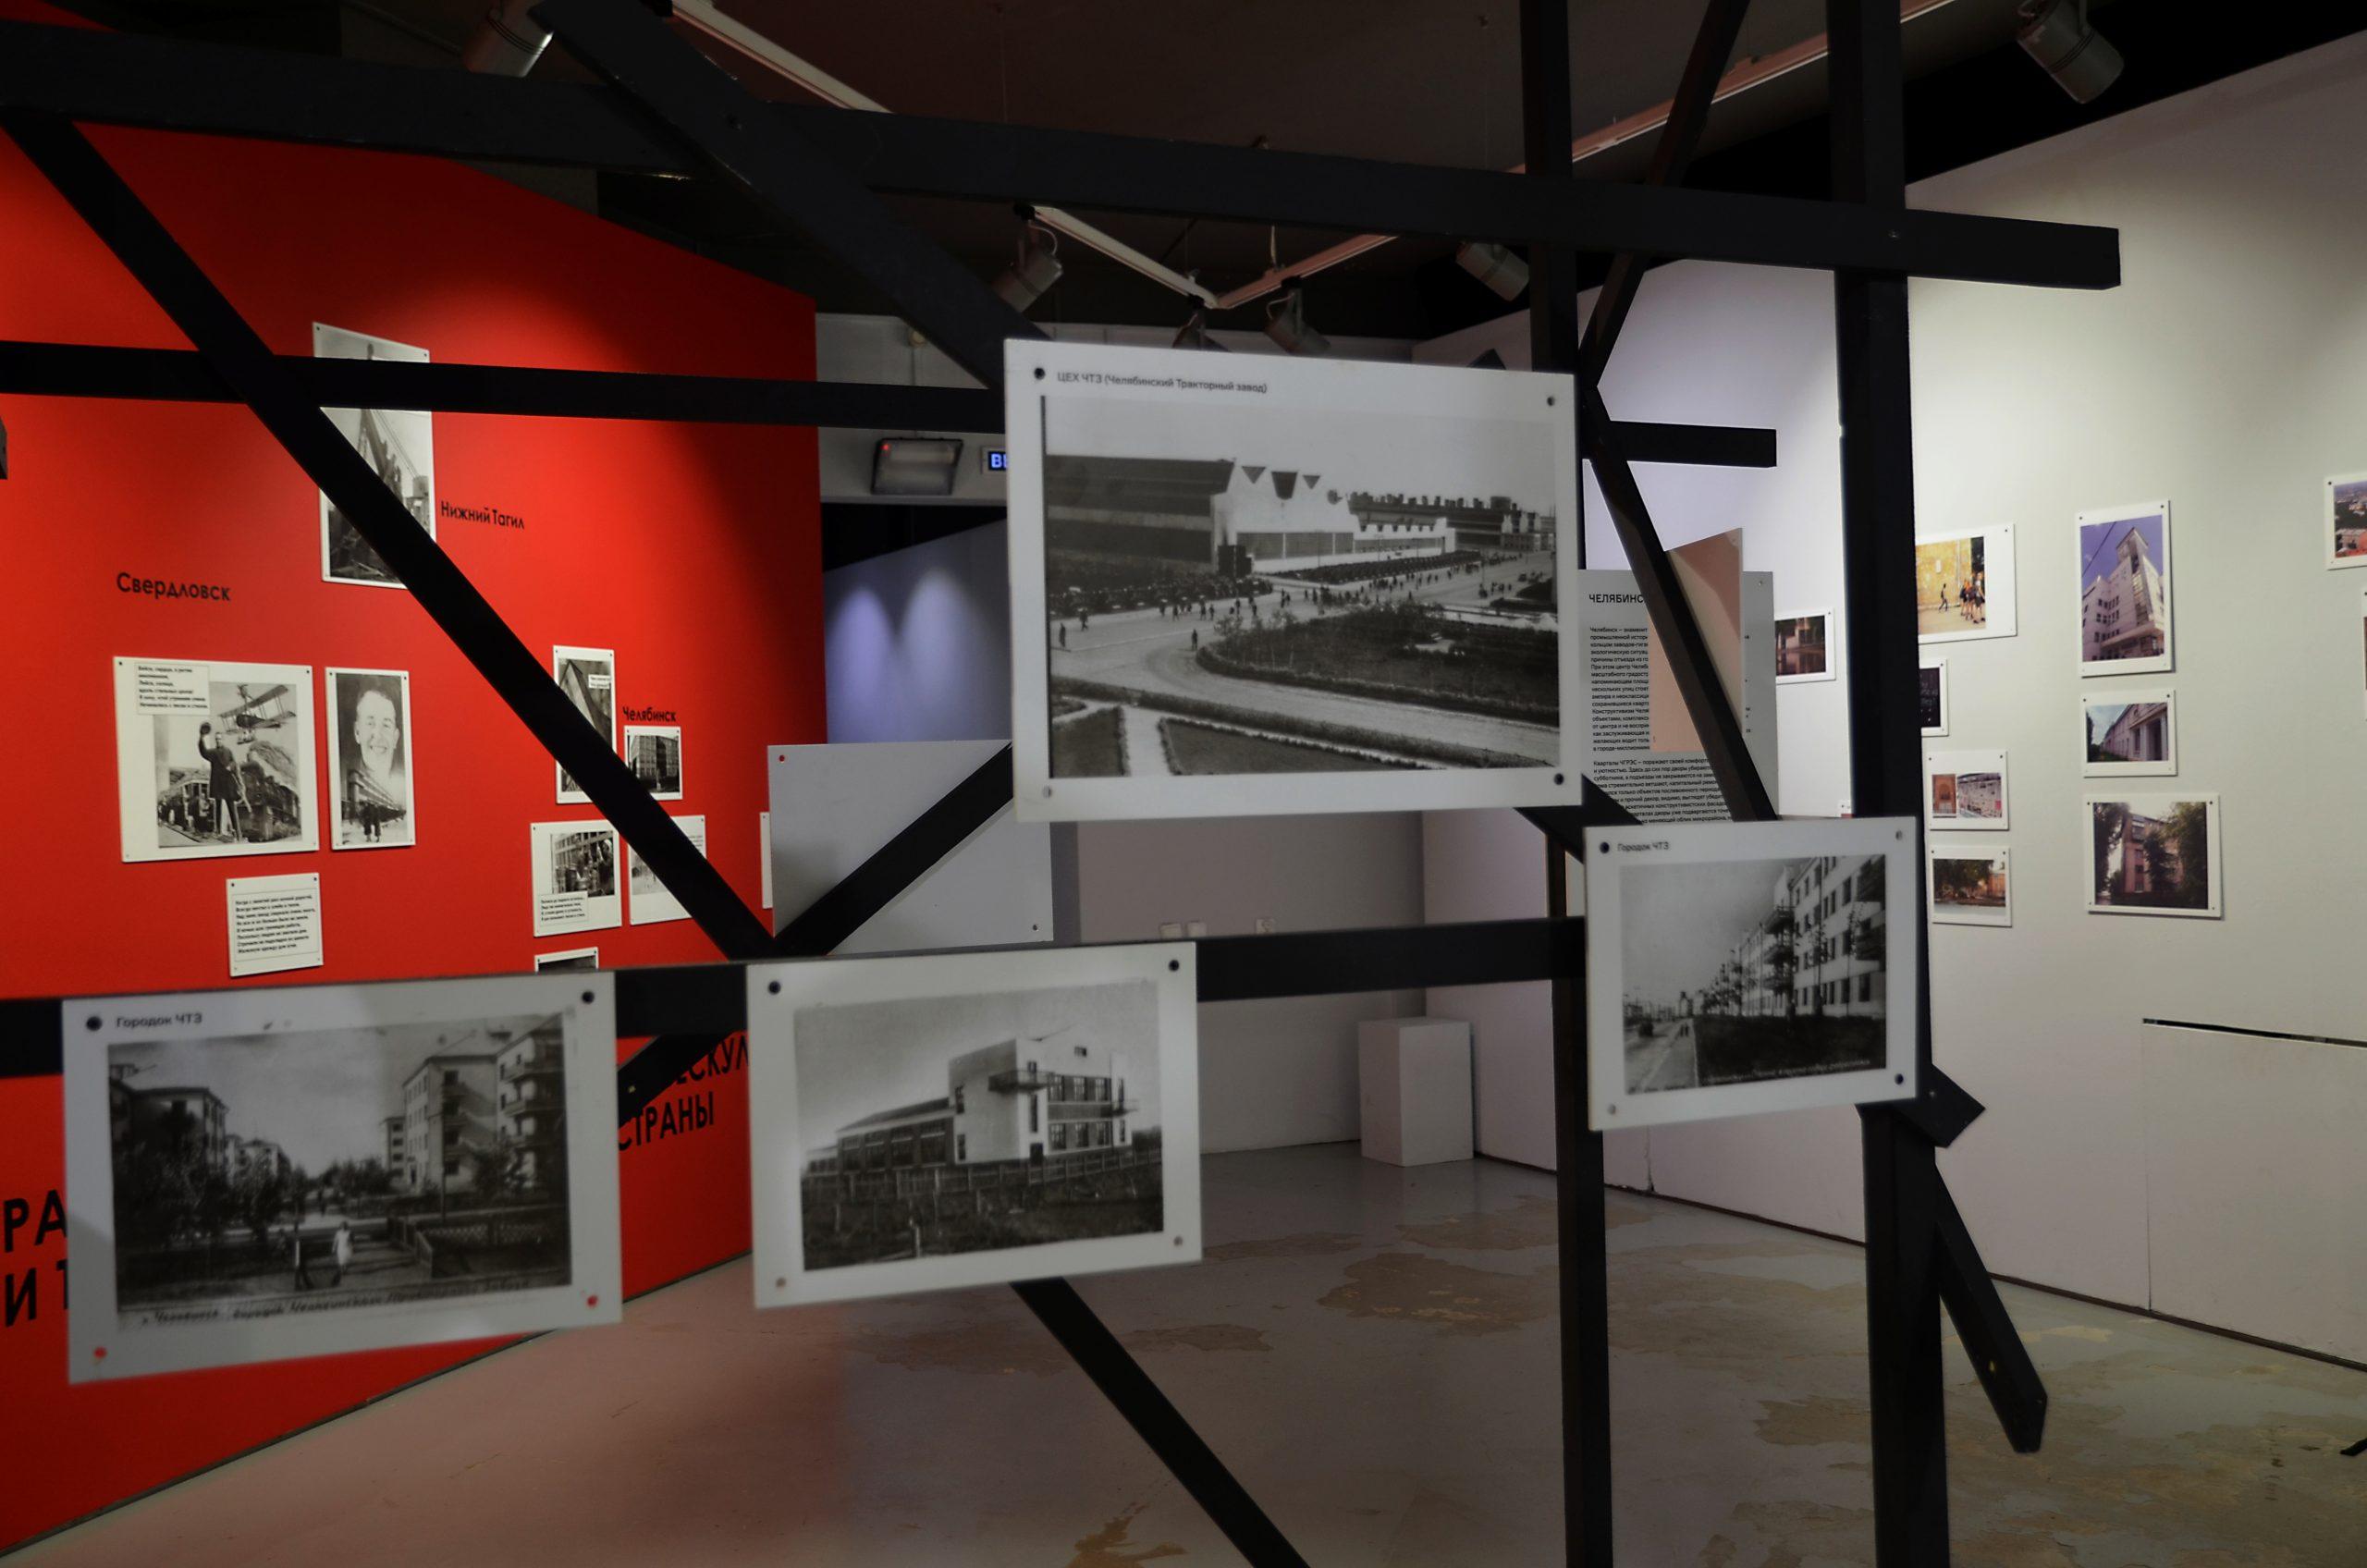 Фотографии полувековой давности: жителям Москвы стала доступна интерактивная карта города